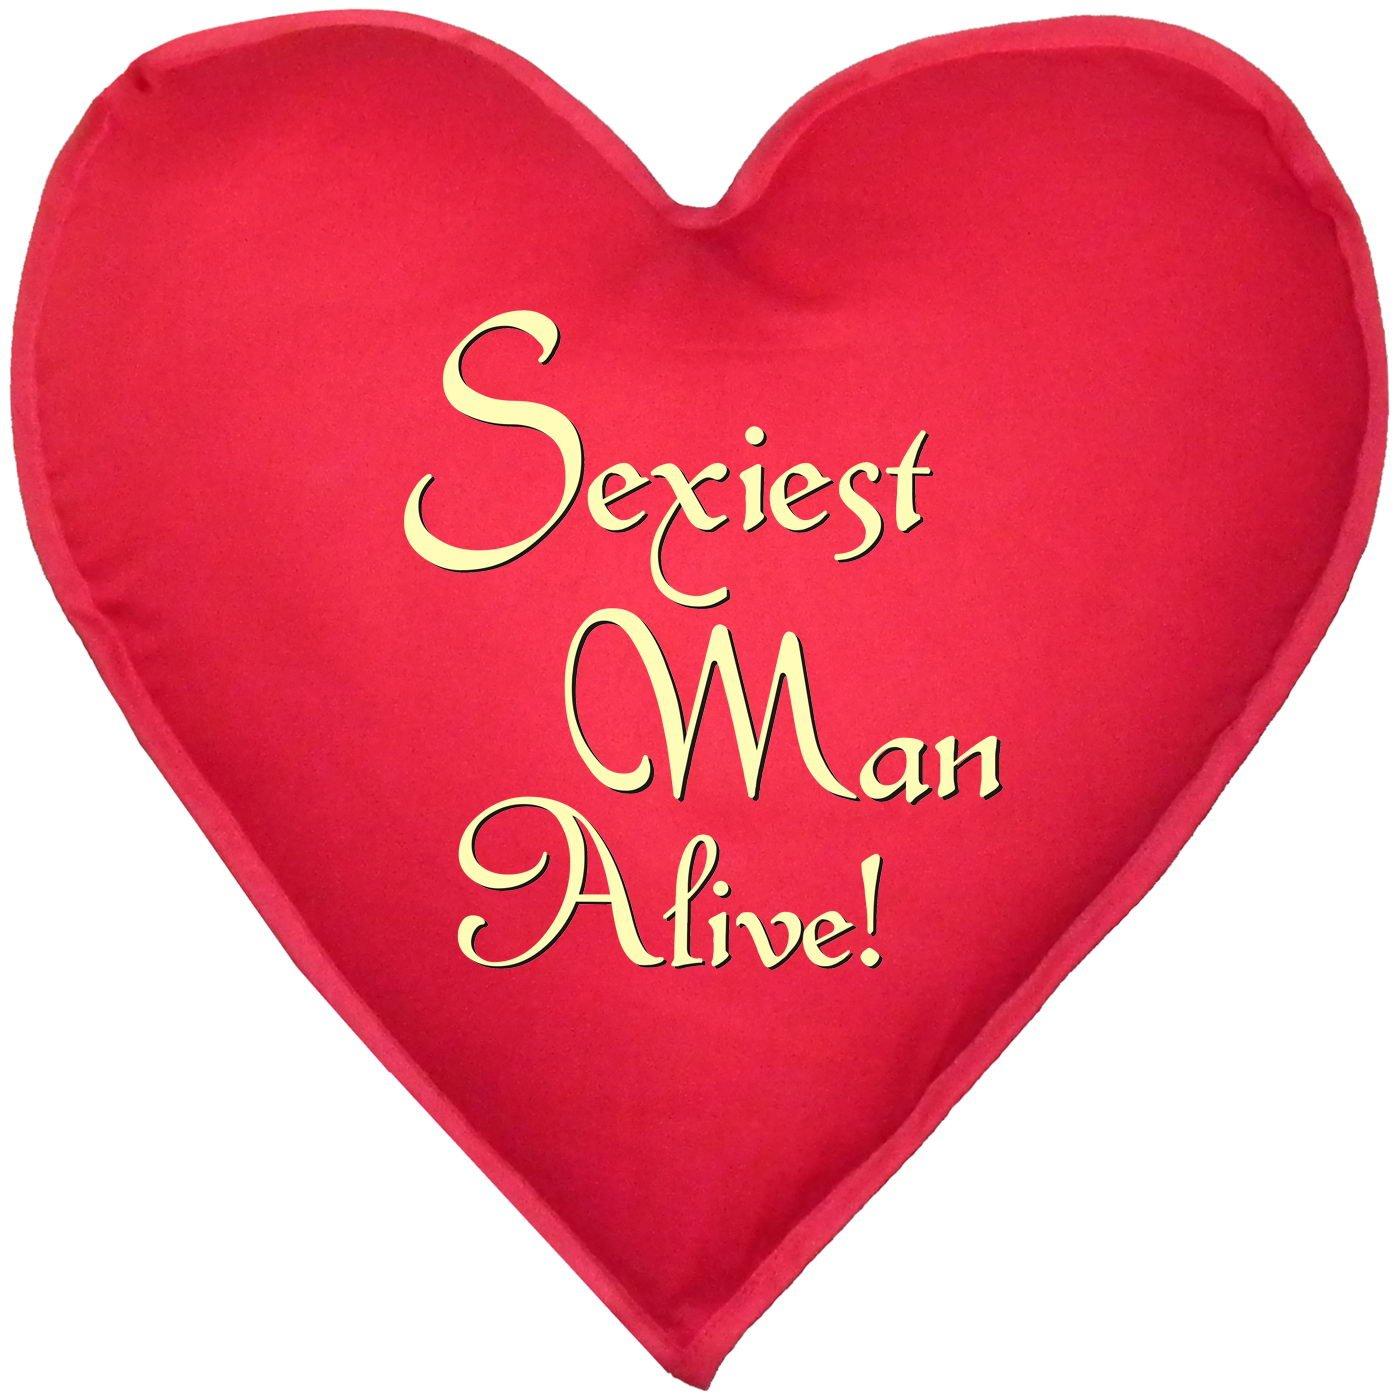 Sexy Kissen in Herzform! Sexiest Man Alive! Originelles Geschenk für Ihn! ca. 40x40cm online bestellen